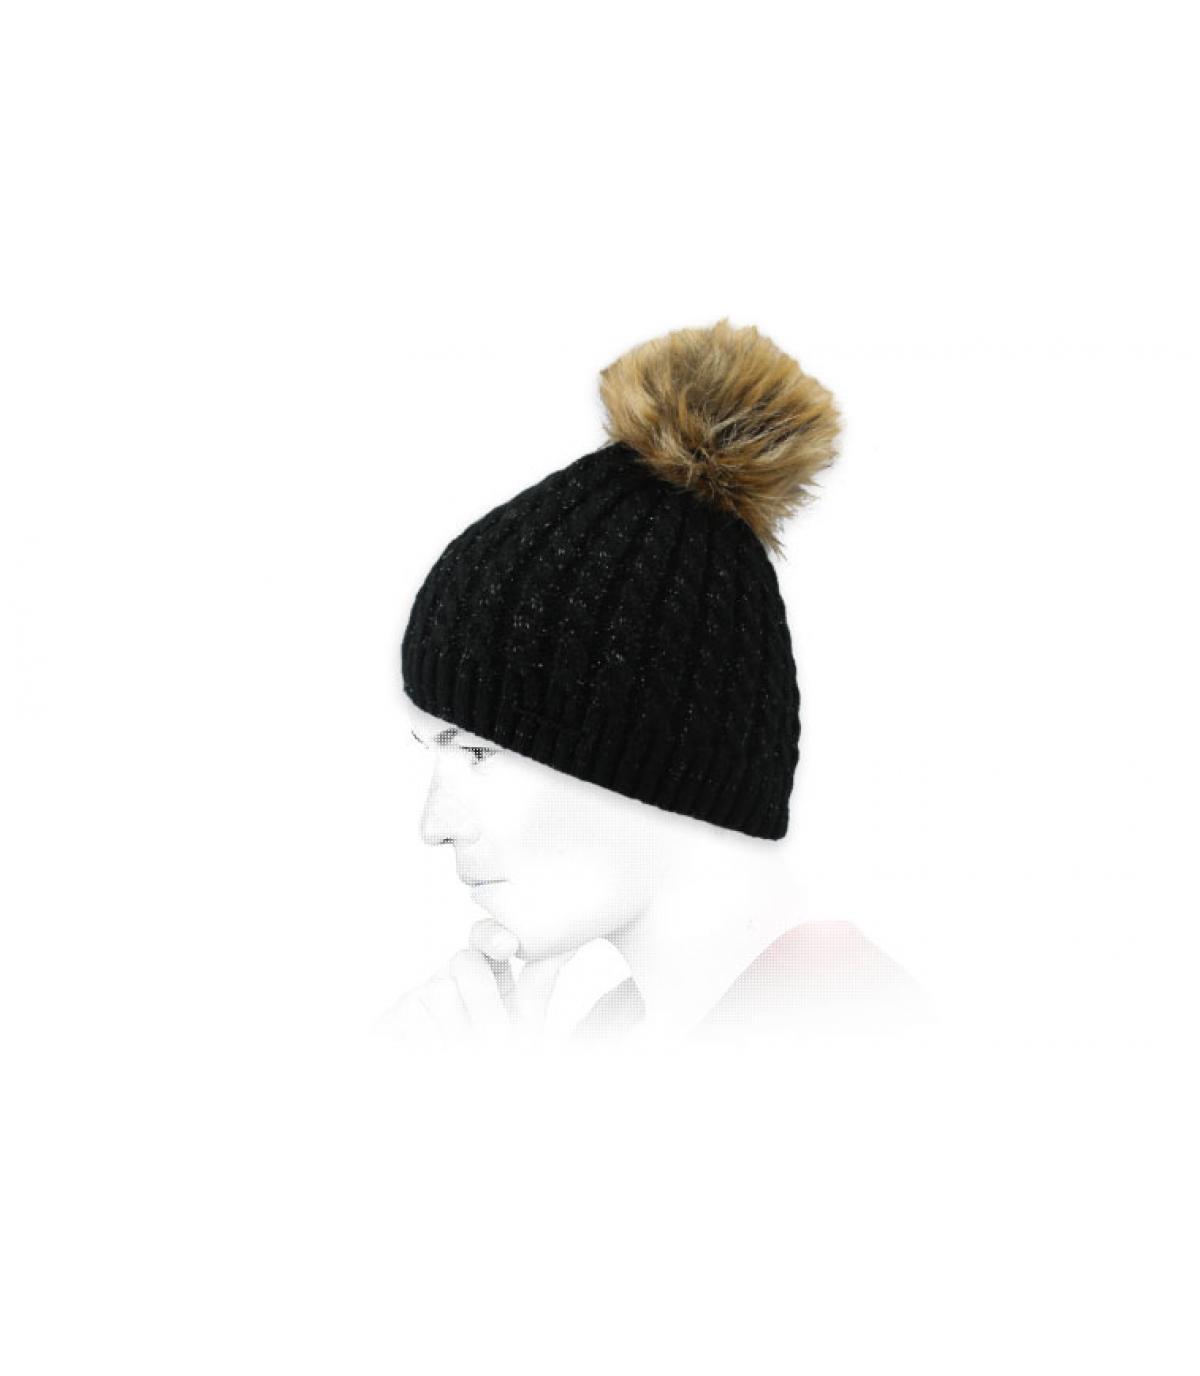 berretto con pompon in pelliccia nera